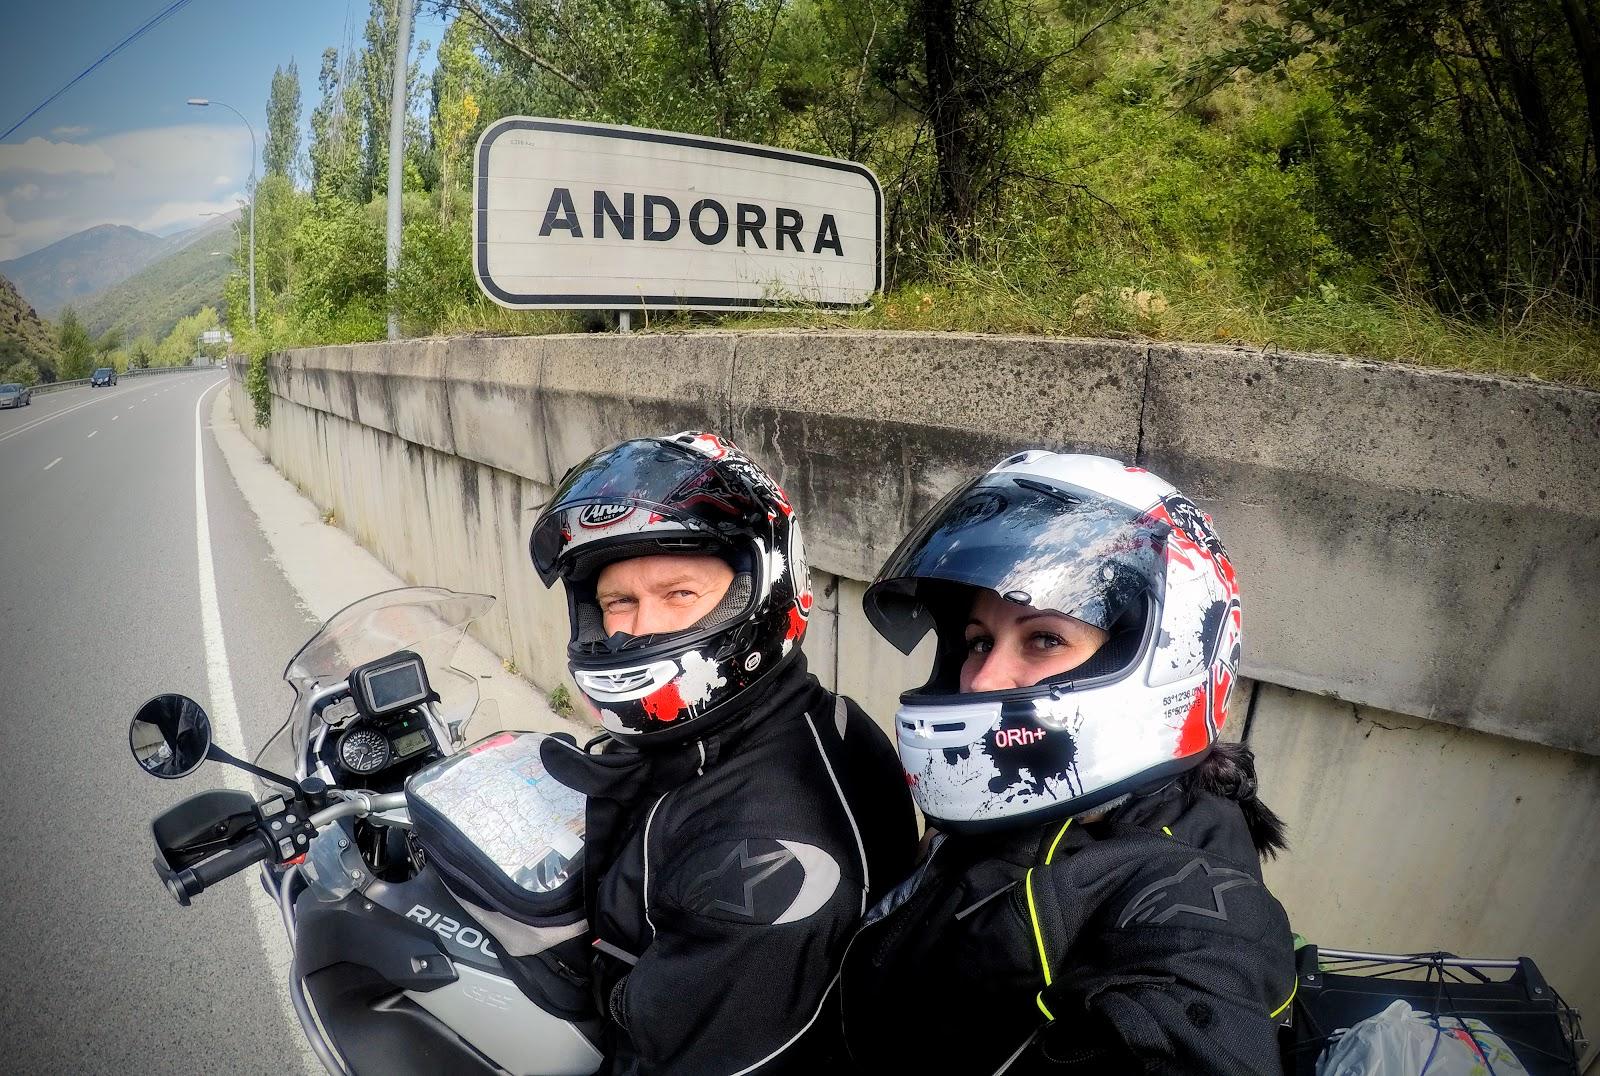 Moto Euro Trip 2017: z UK na Gibraltar - dzień 3, część 2 - Andora miasto - państwo